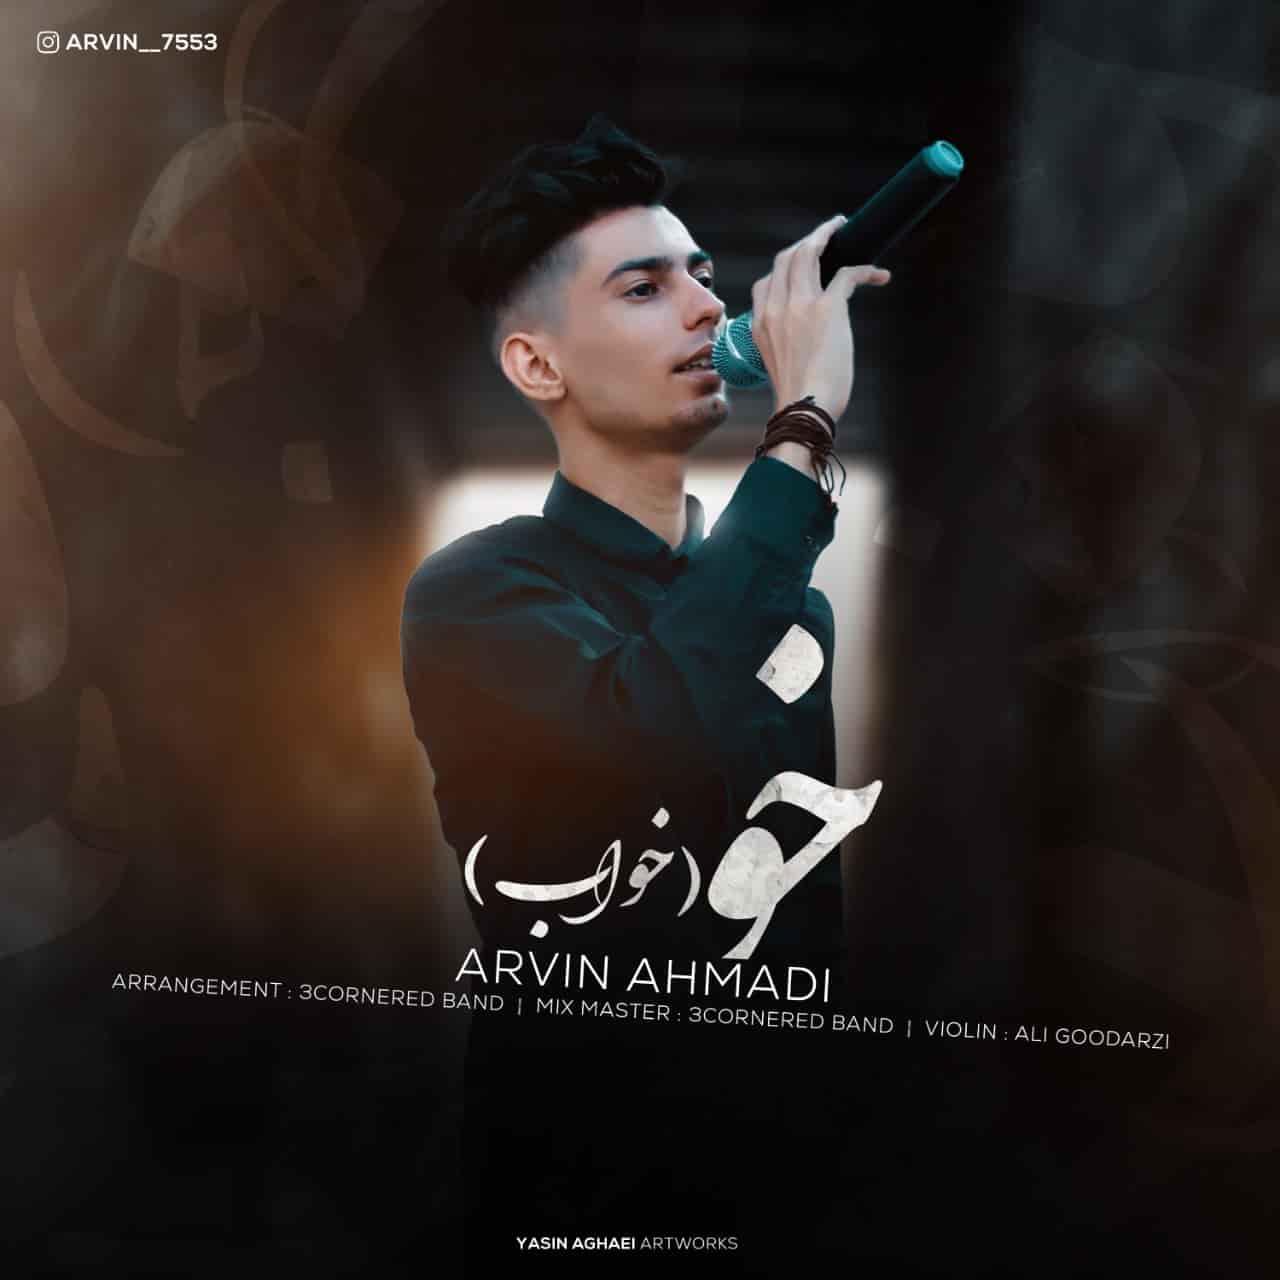 آروین احمدی لری خو